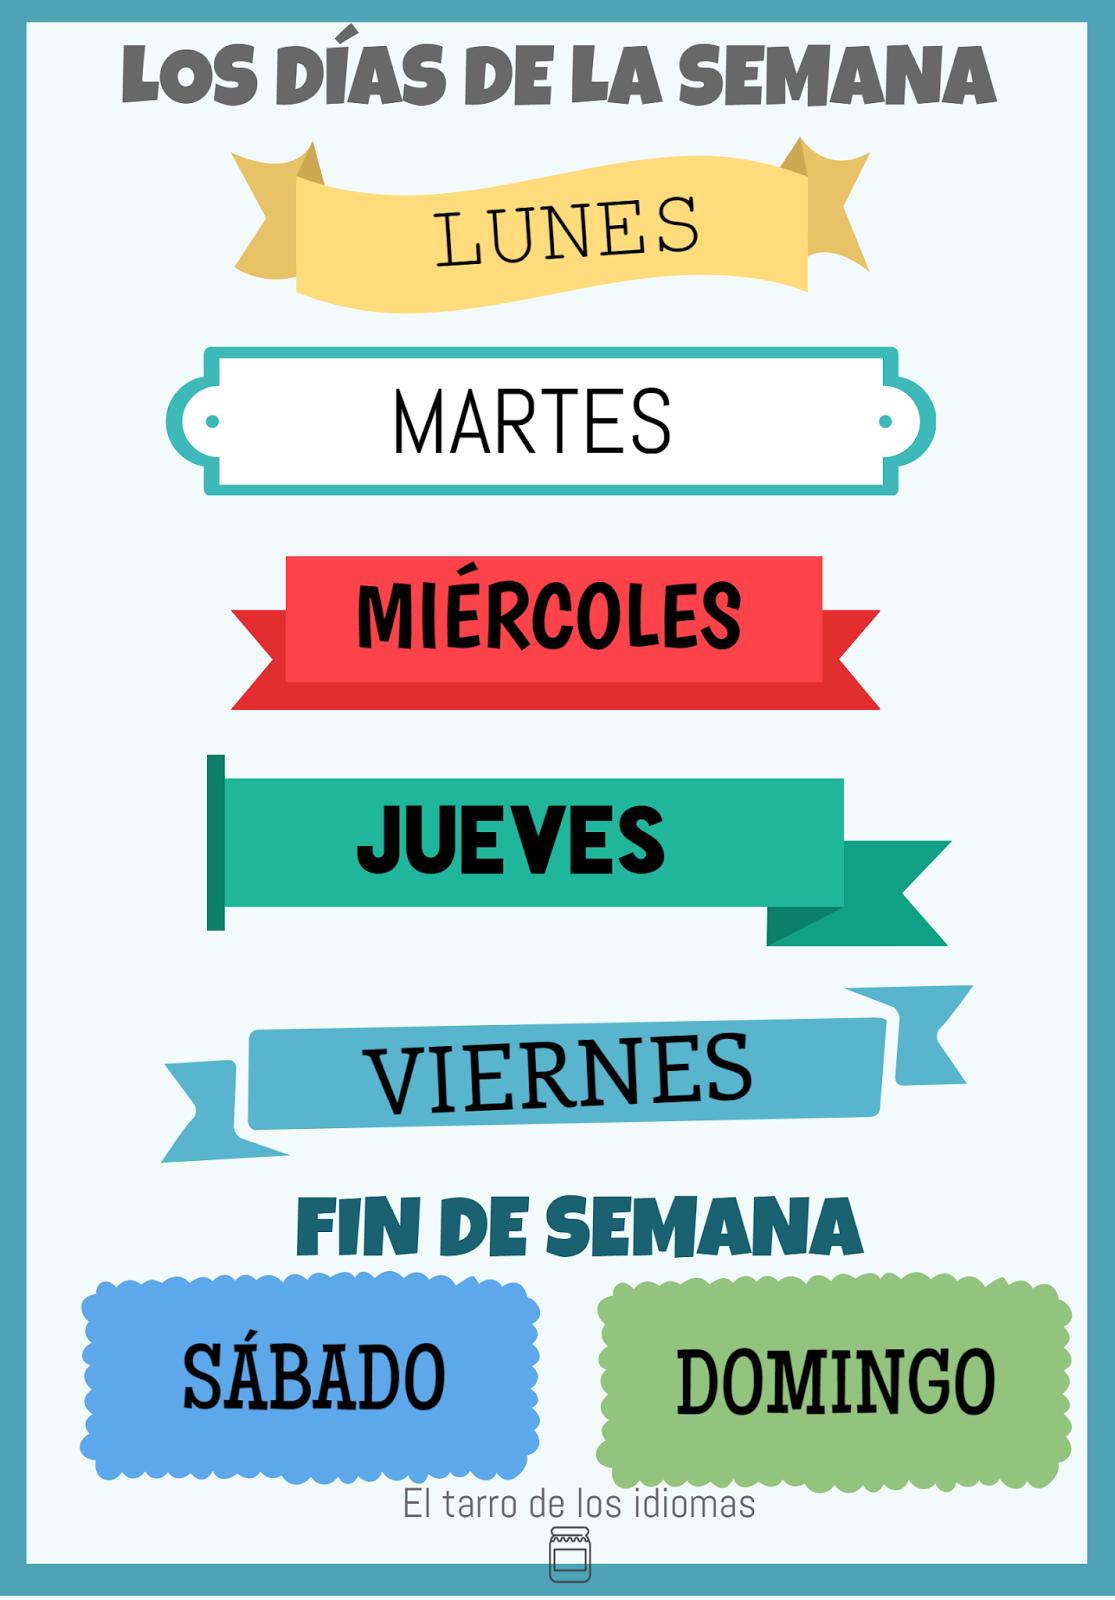 Poster Meses Del Ano Y Dias De La Semana Espanol Ingles Y Frances